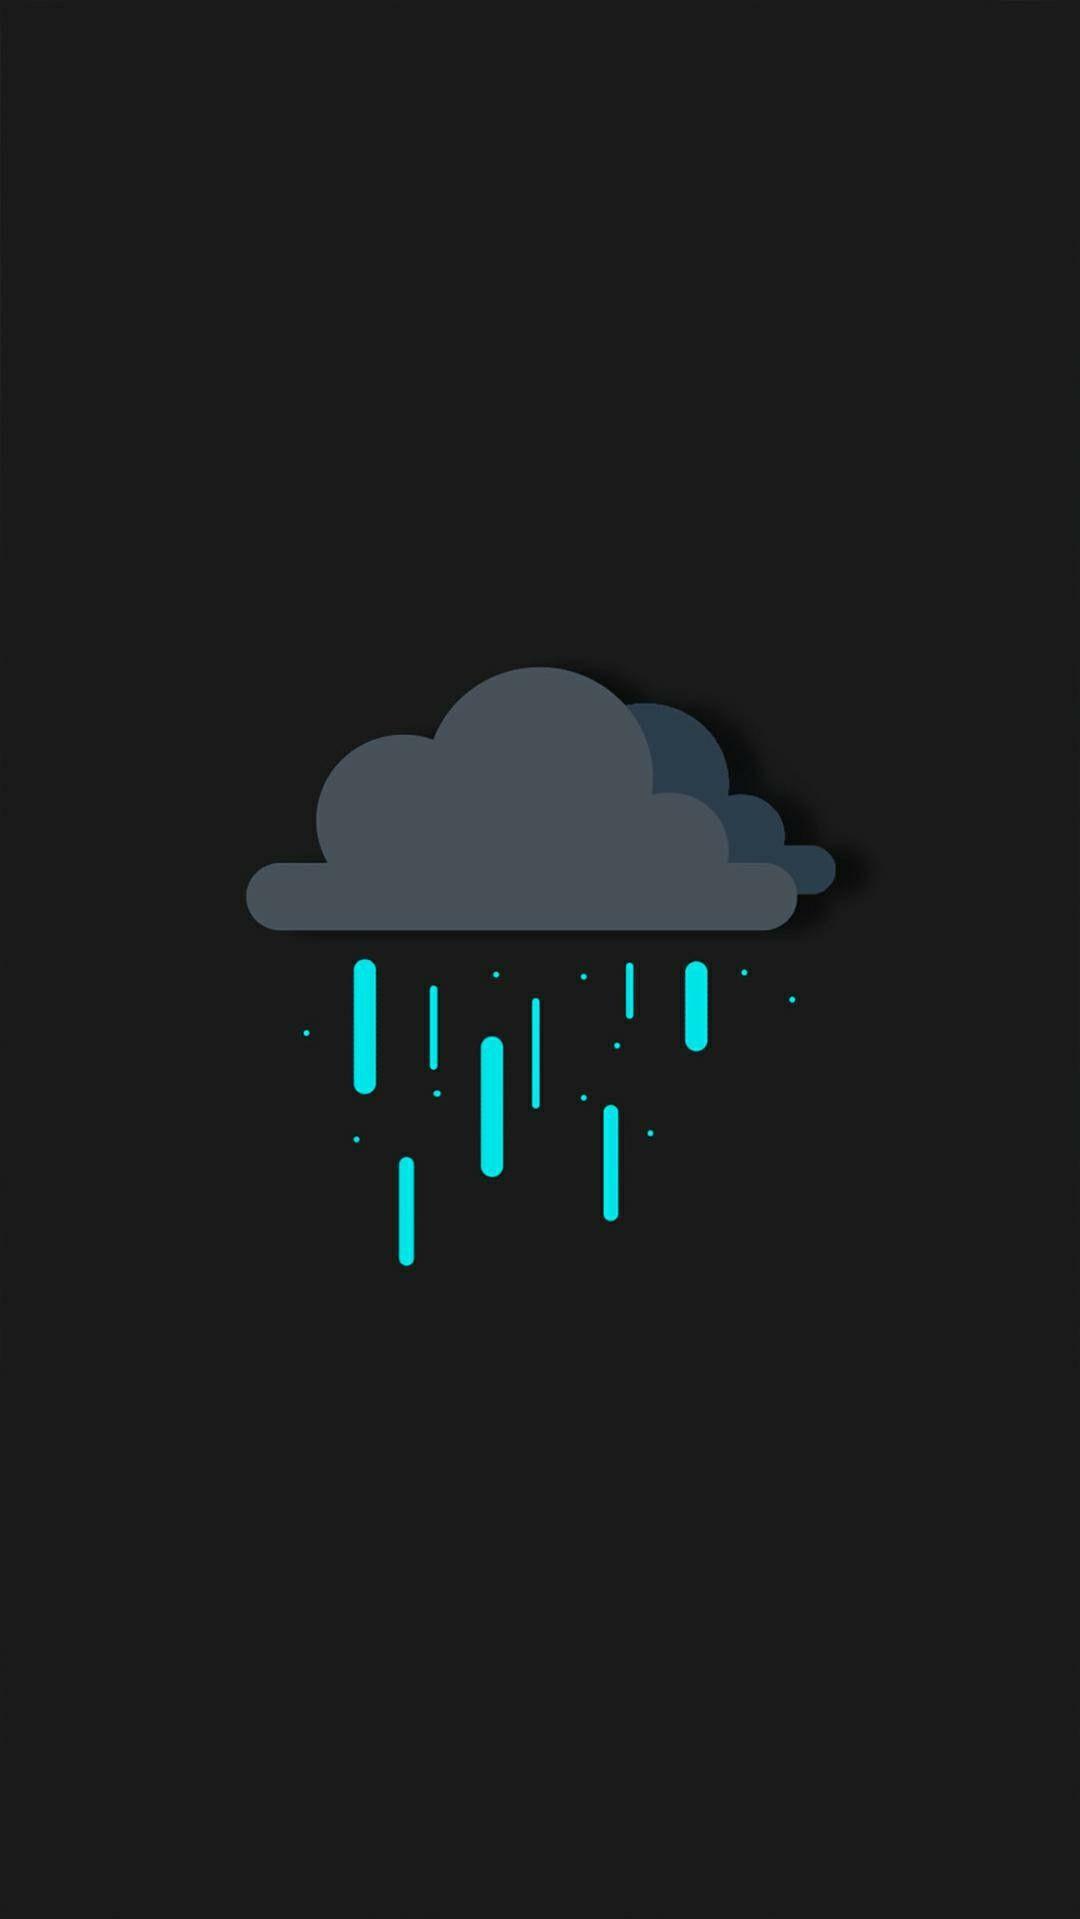 Digital-Clouds-Rain-iPhone-Wallpaper - iPhone Wallpapers